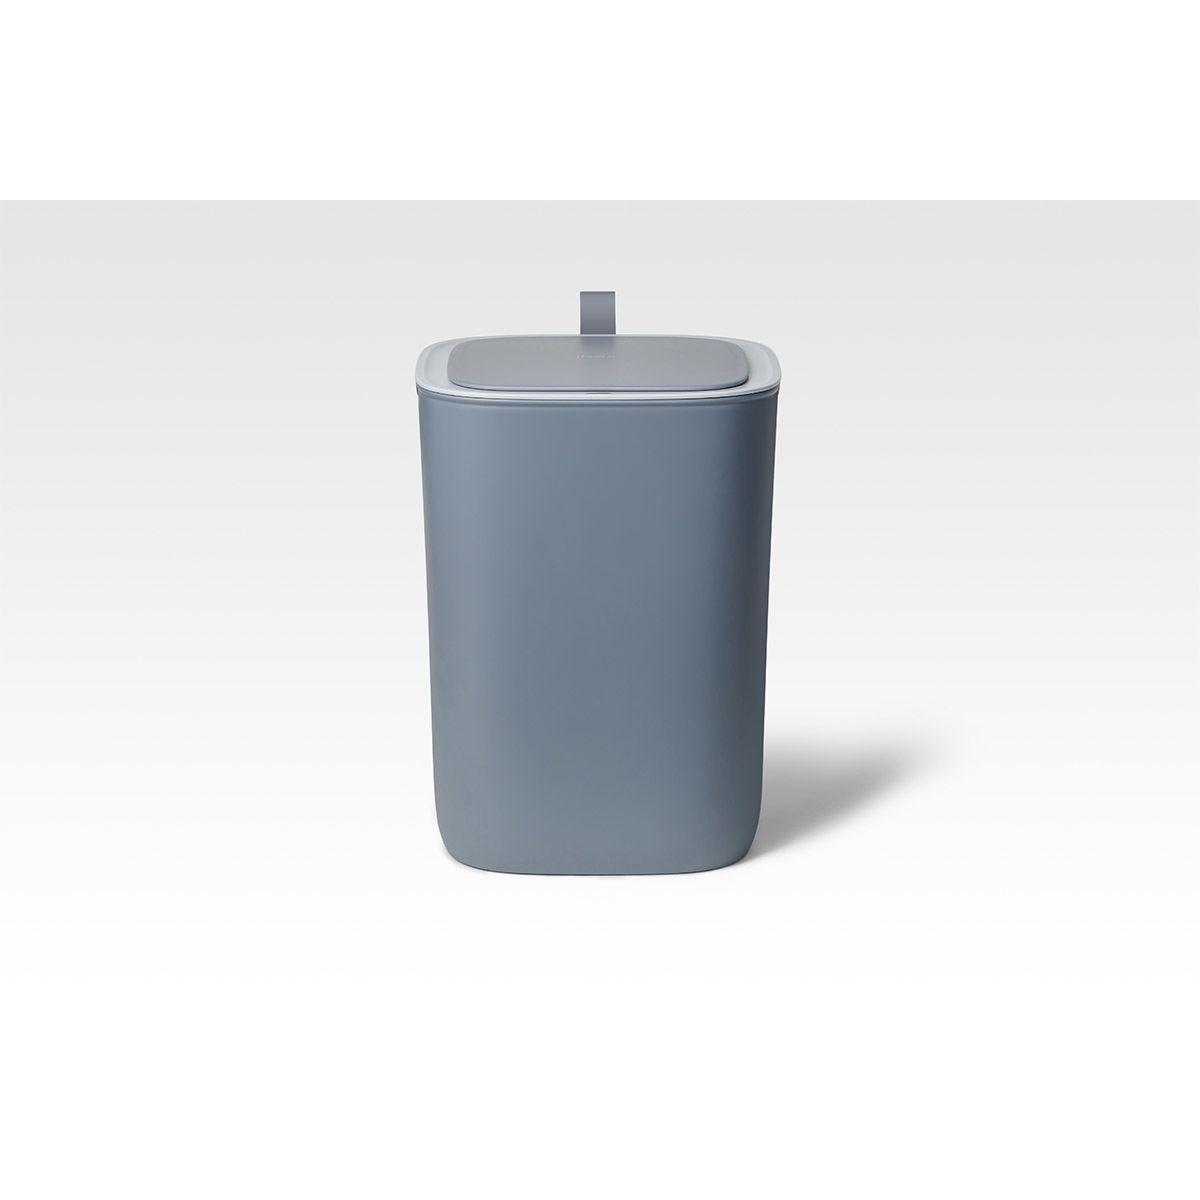 EKO Morandi 12L Sensor Bin - Grey